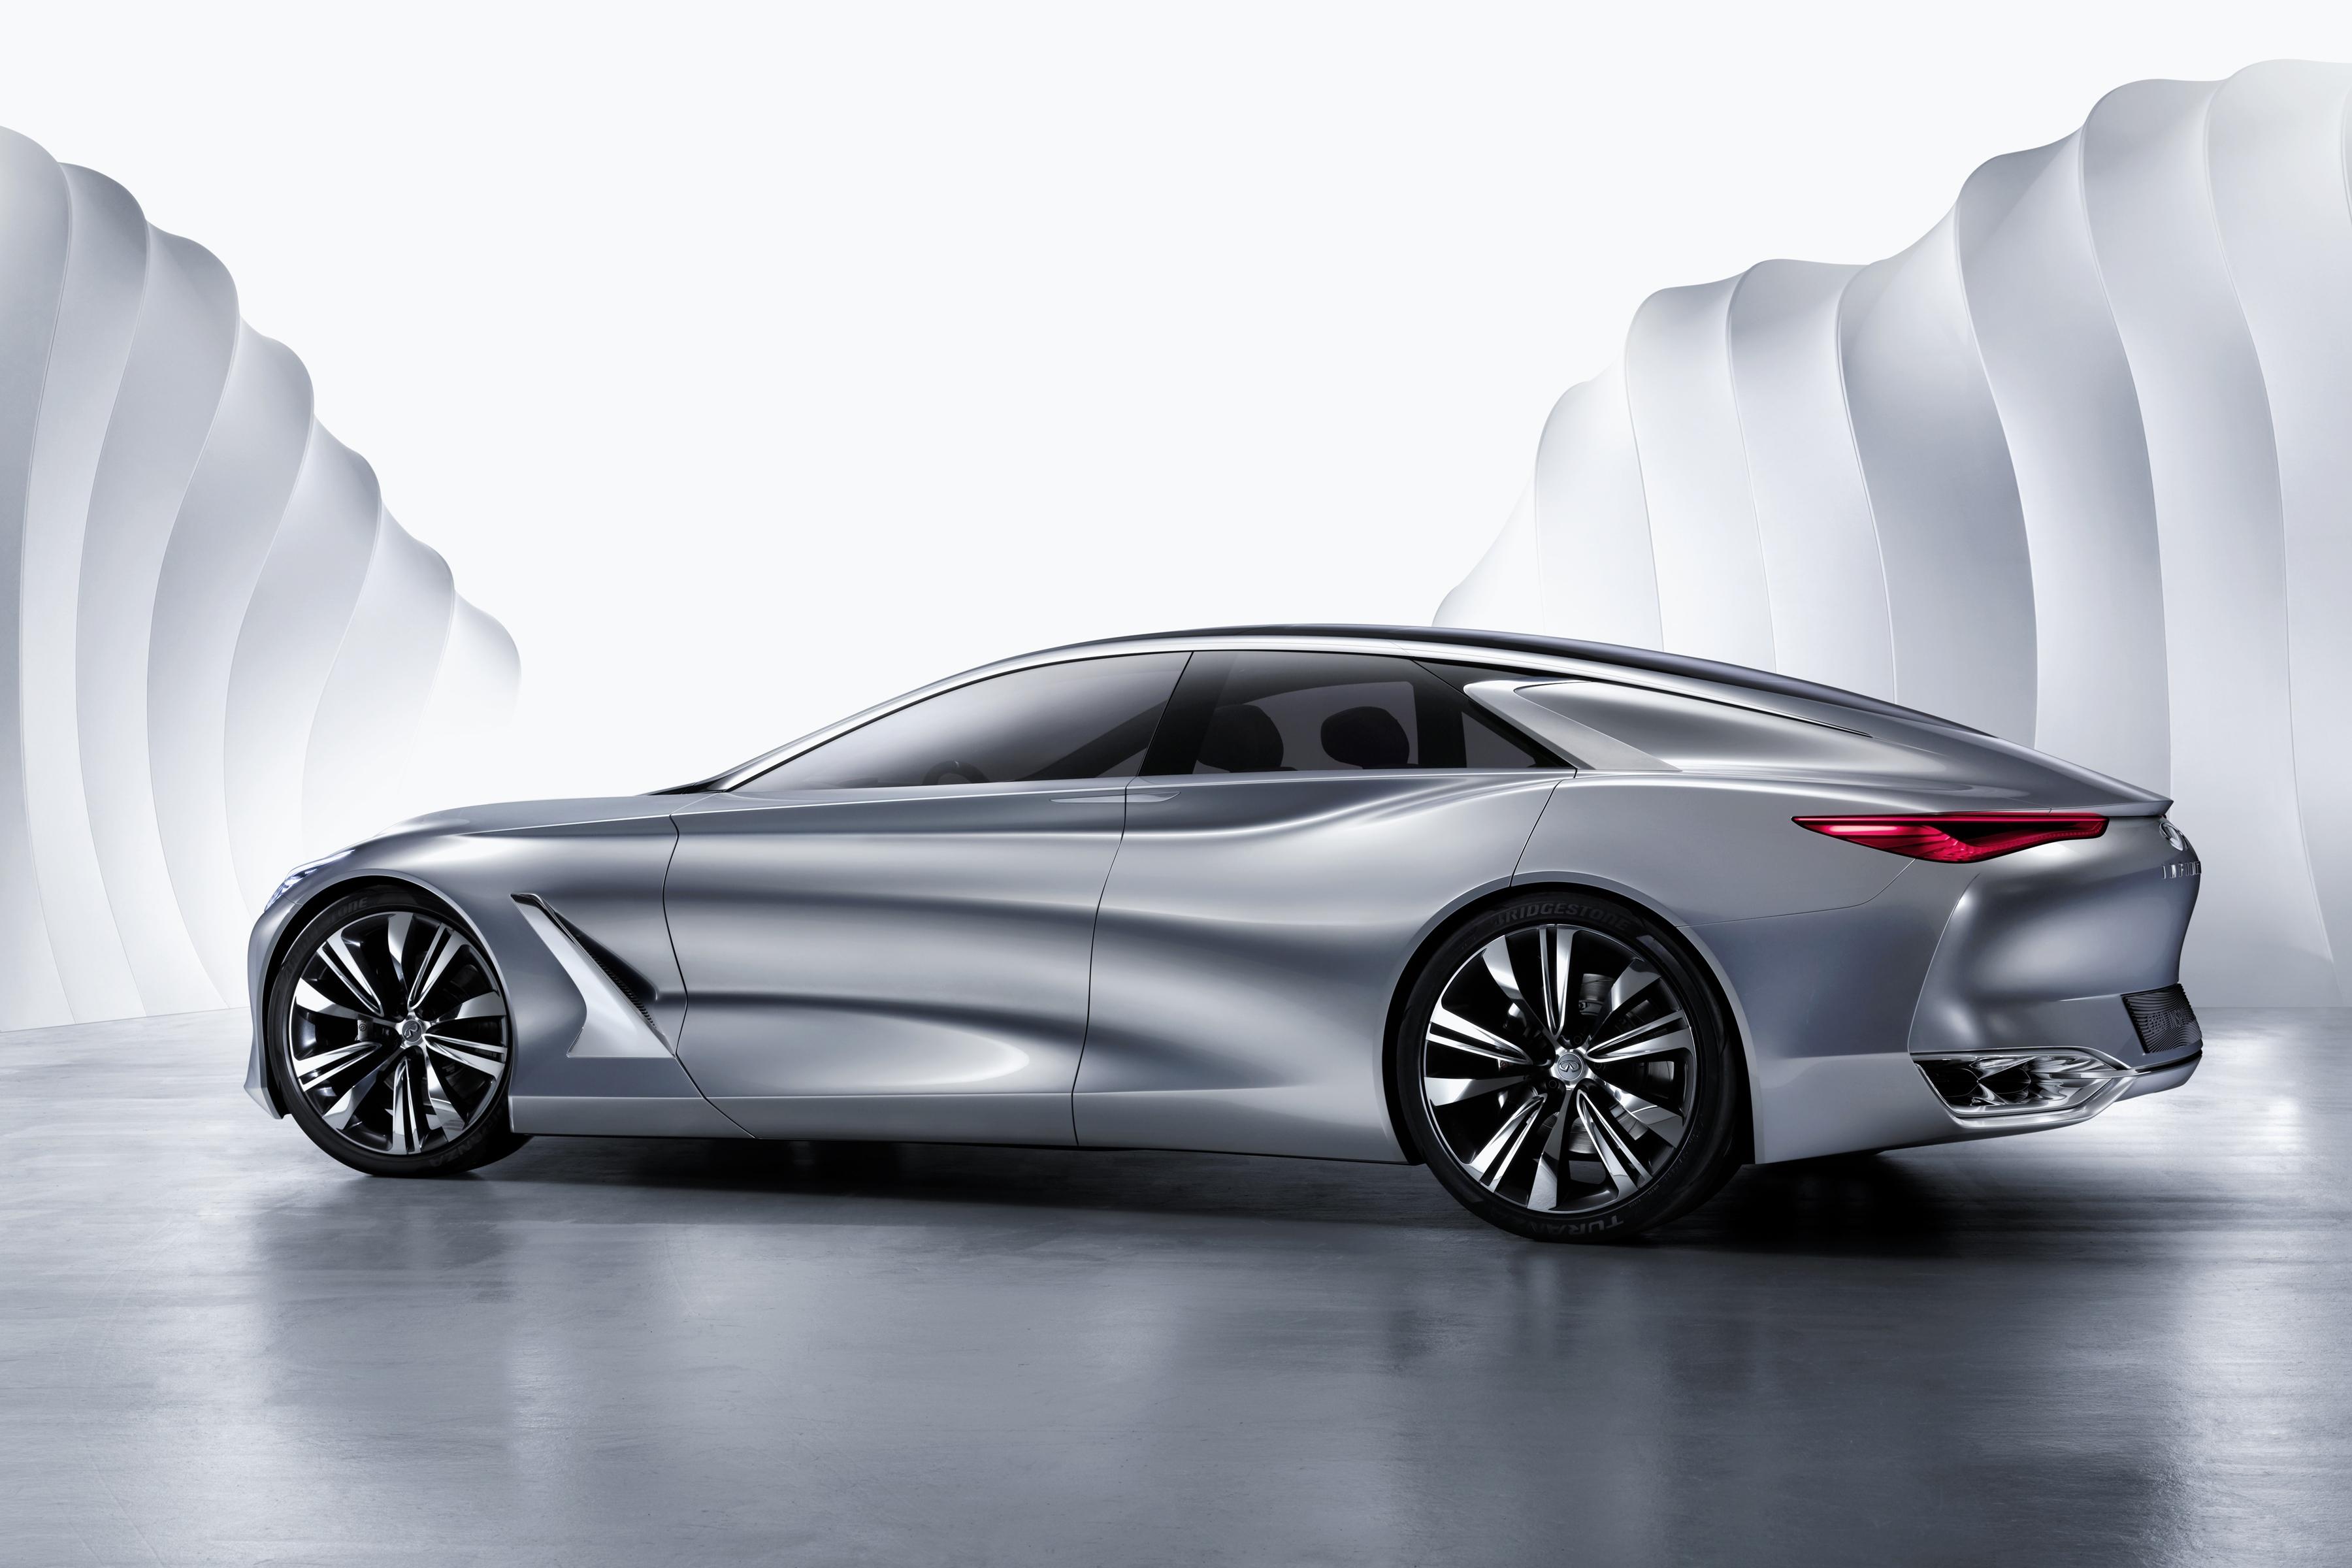 ... Car Photo, Q80 Concept, Supercar, Land Vehicle, Automotive Design,  Automobile Make, Concept Car, Luxury Vehicle, Toyota Ft Hs, Lamborghini  Estoque ...